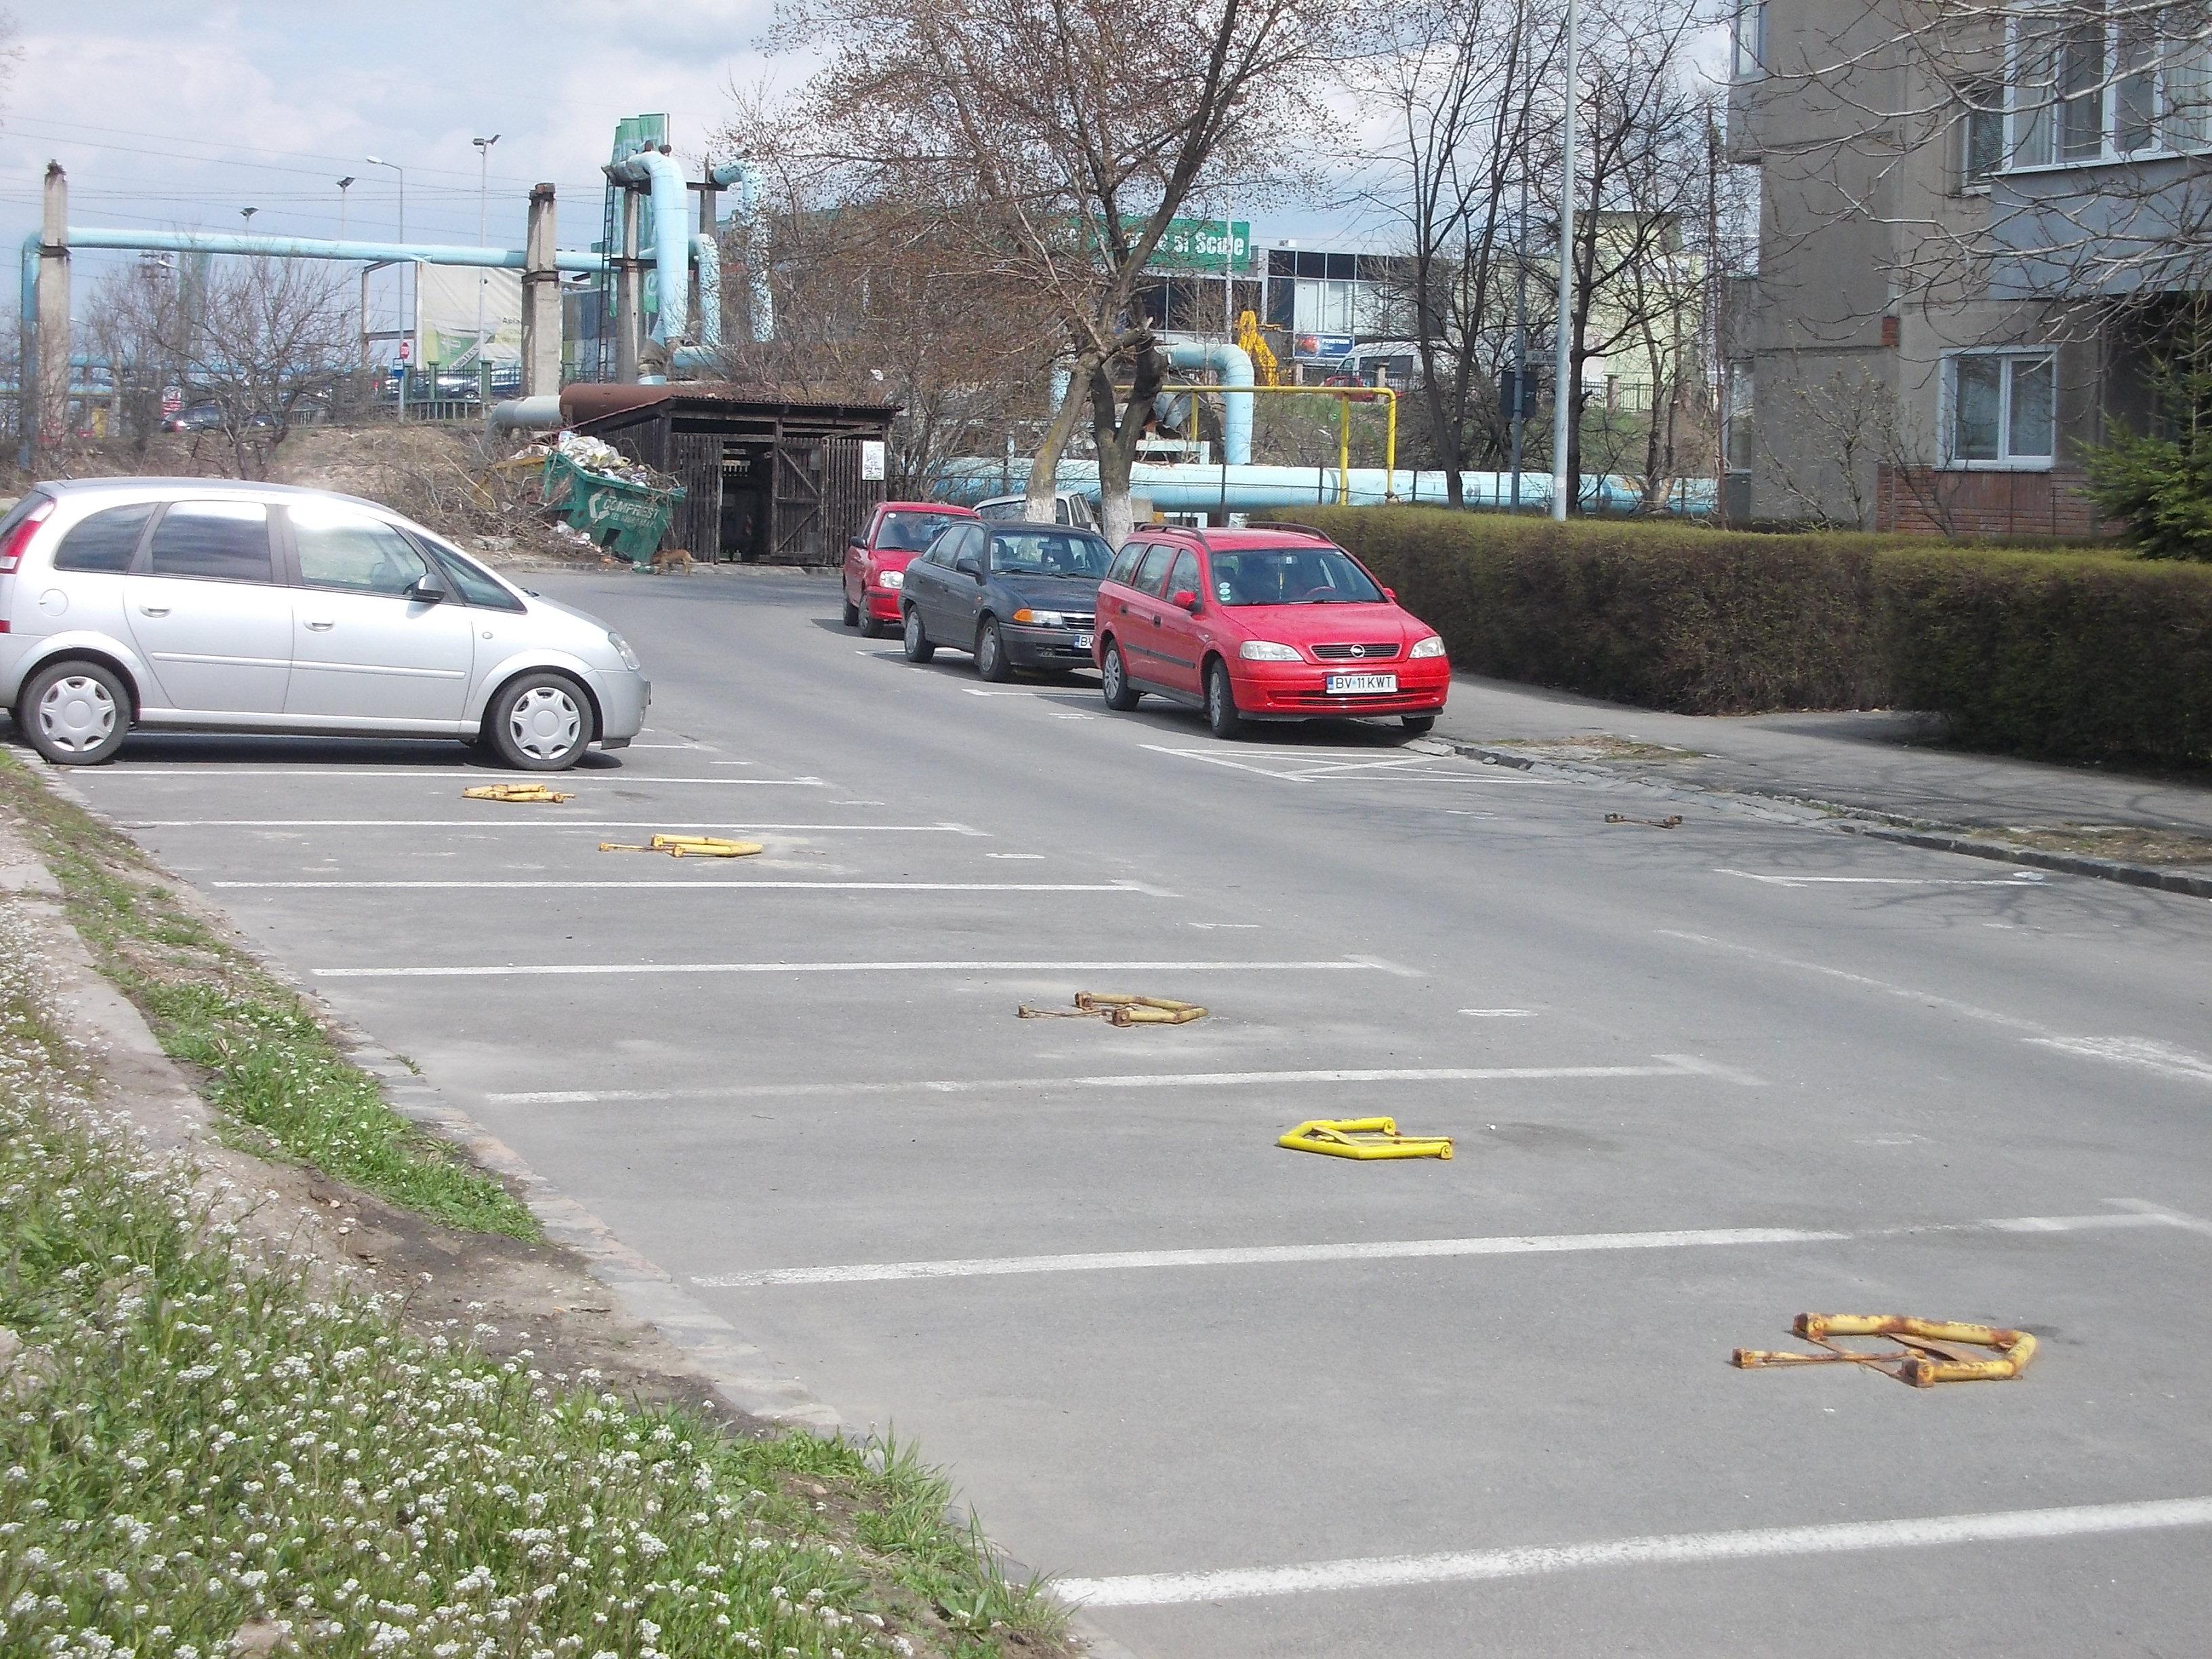 Mulţi braşoveni au început să nu-şi mai plătească locurile de parcare de reşedinţă